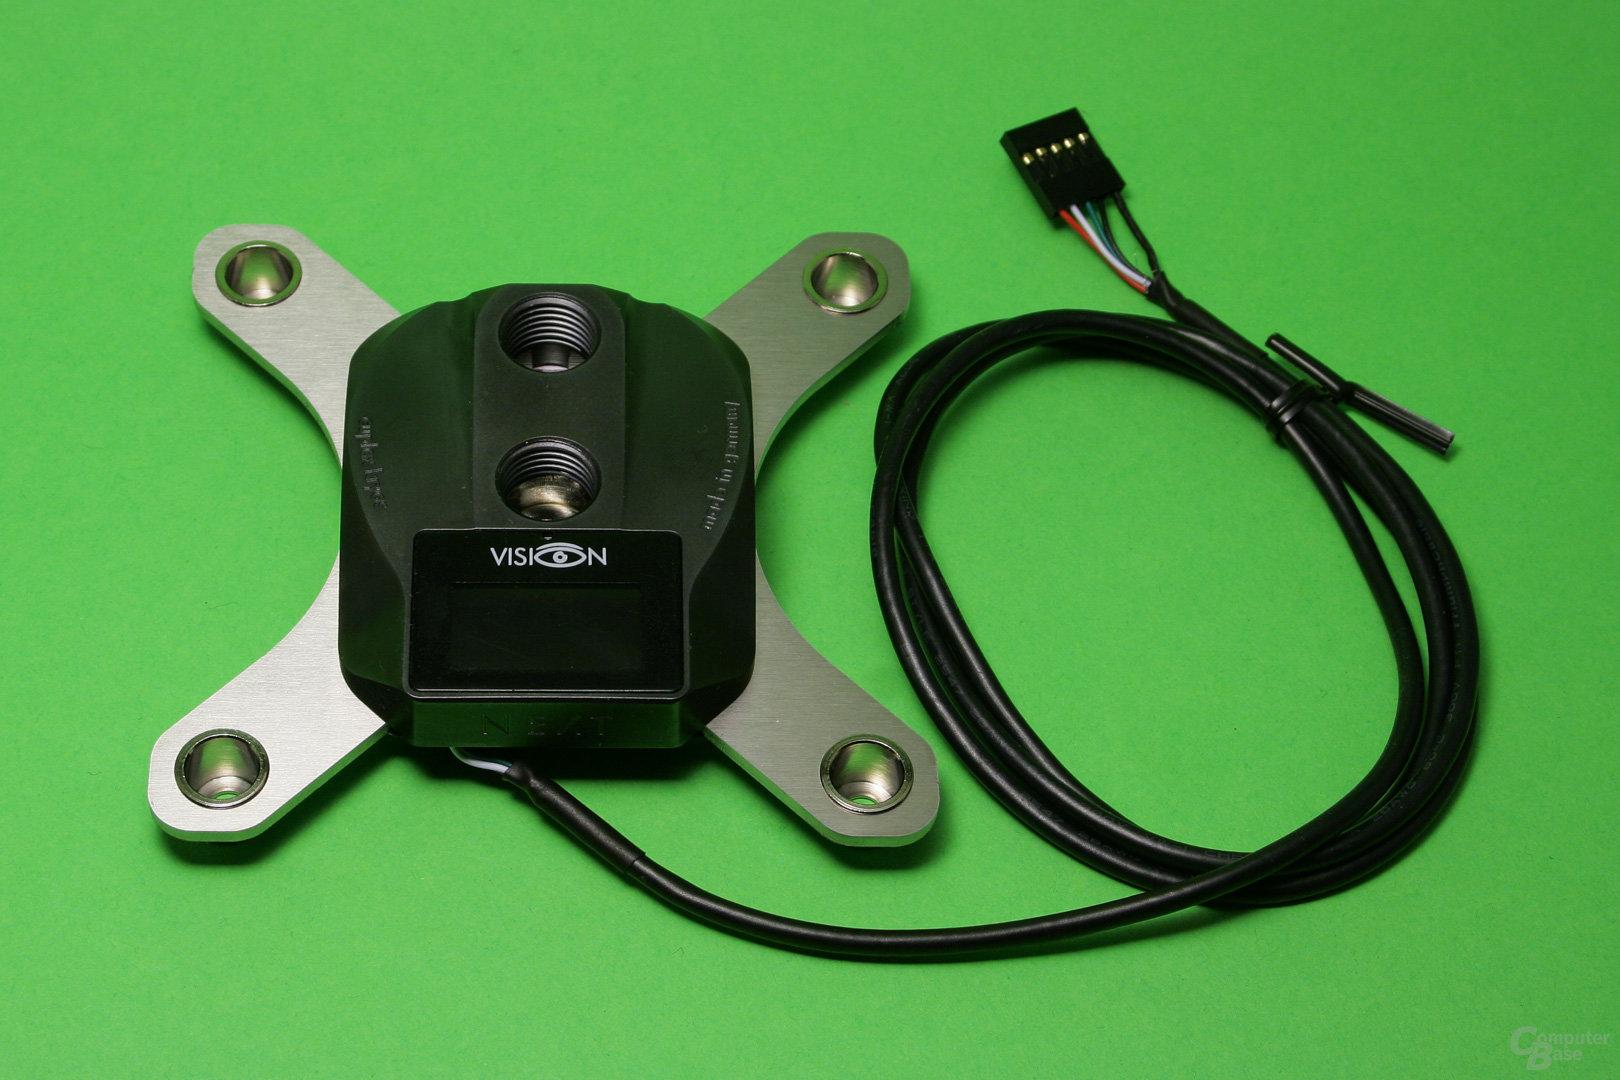 Aqua Computer Cuplex Kryos Next (Vario und Vision): PVD-beschichteter Kühlerdeckel und USB-Anschlusskabel